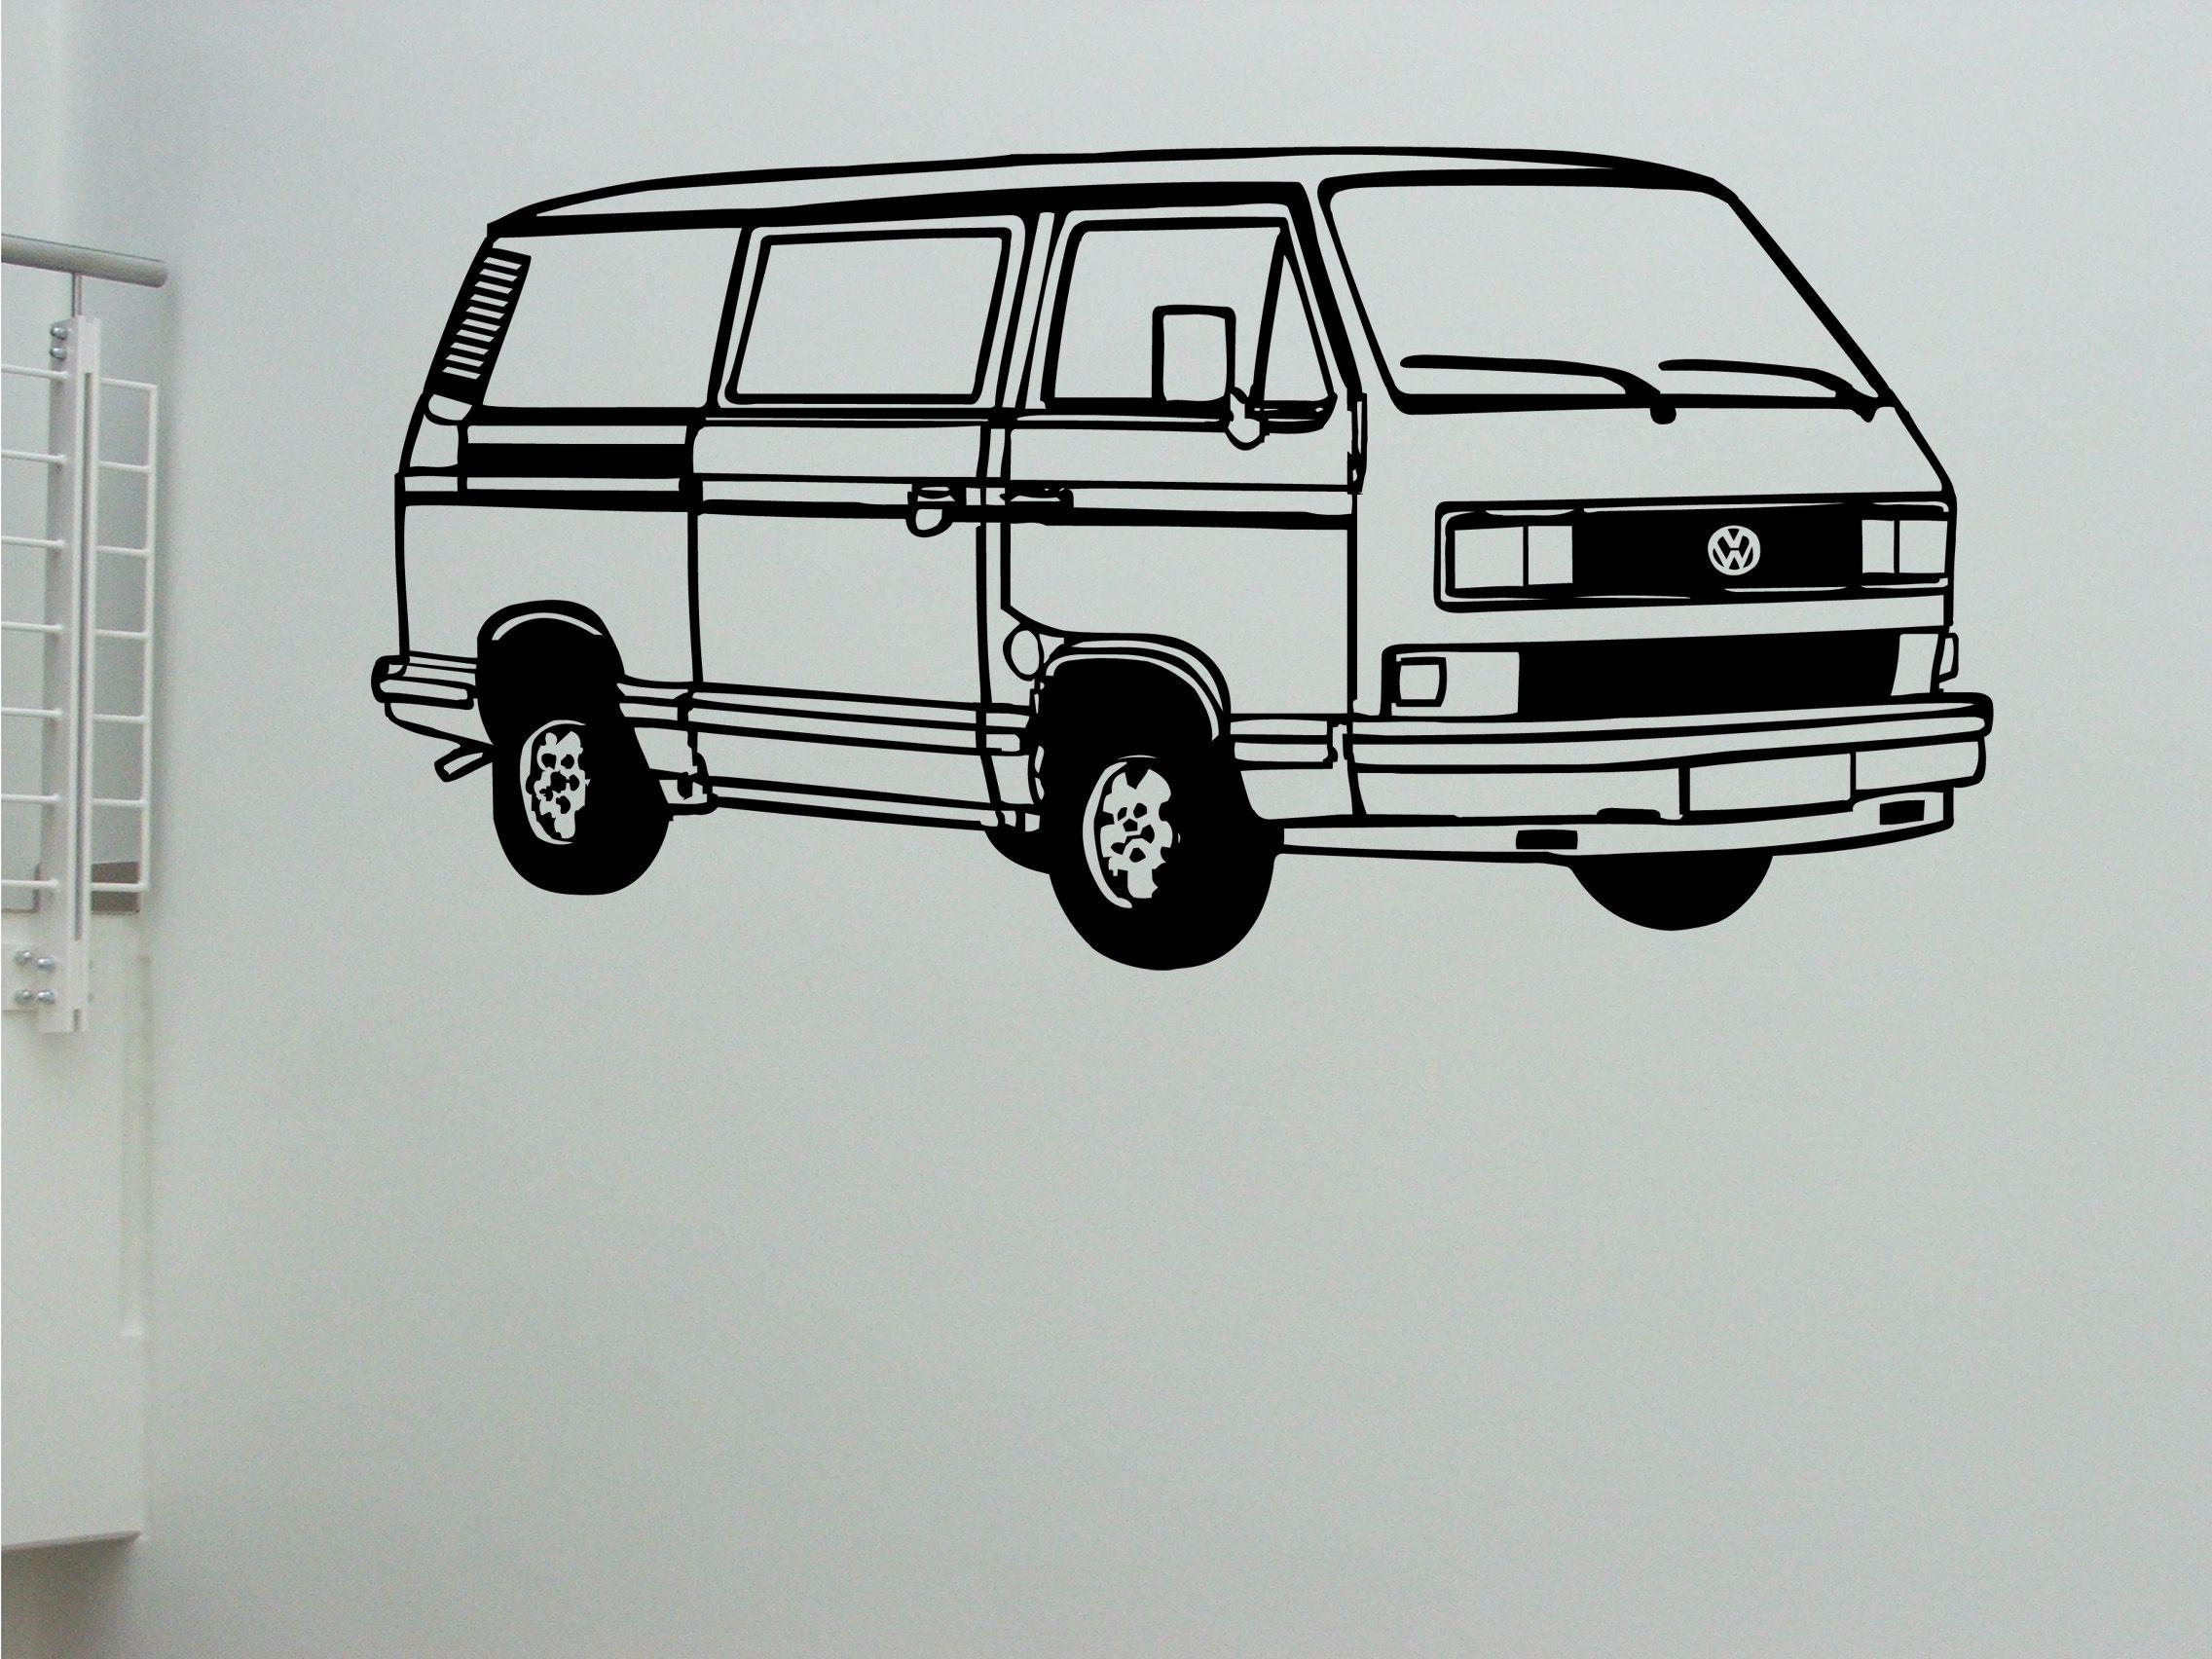 vw t3 cartoon google vw t3 logo volkswagen. Black Bedroom Furniture Sets. Home Design Ideas